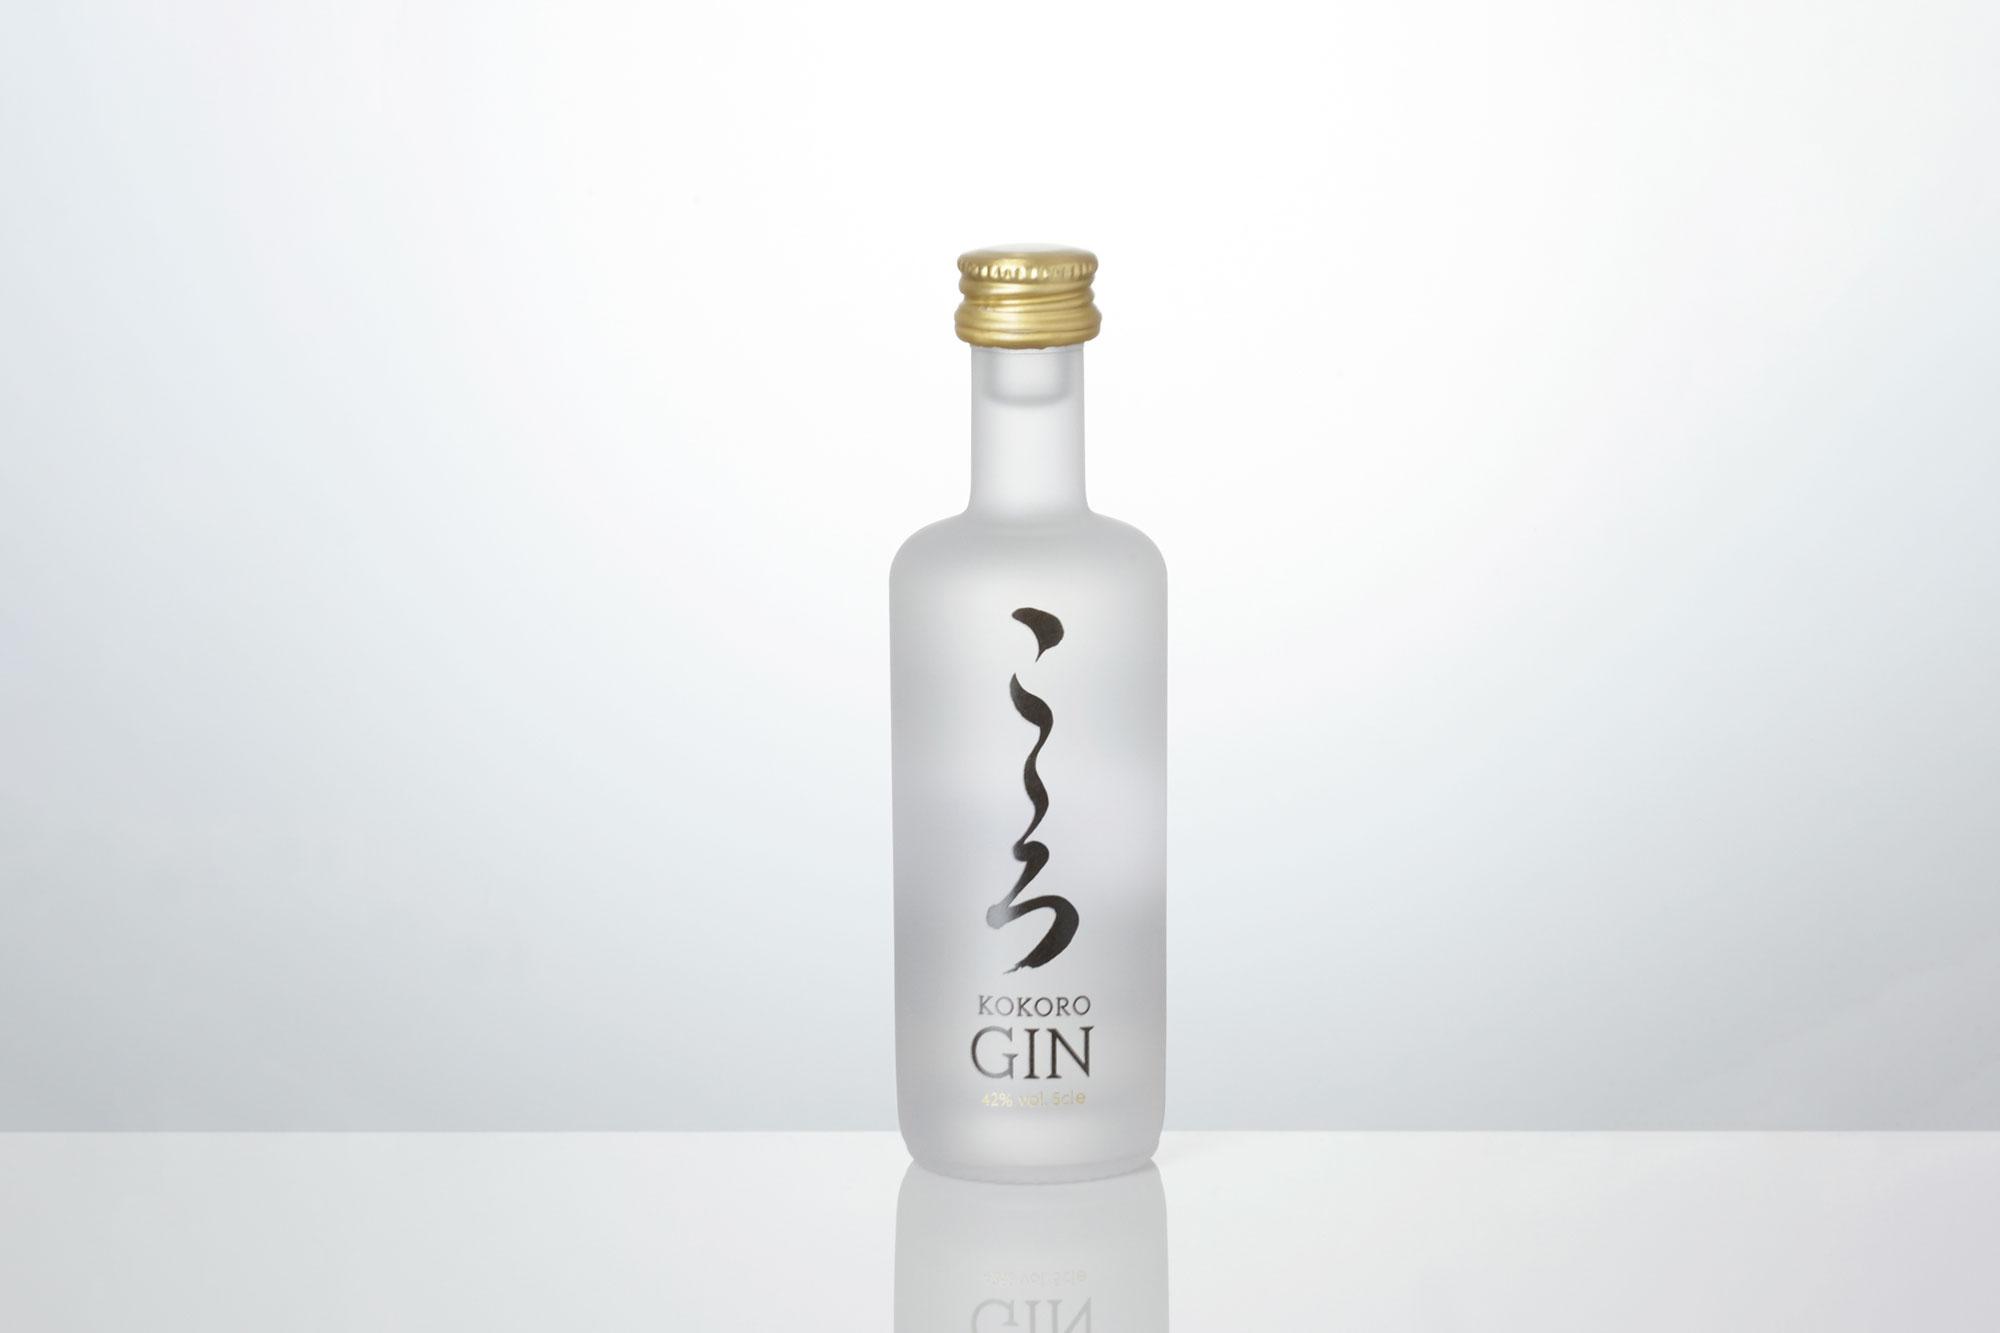 KOKORRO_50cl_gin